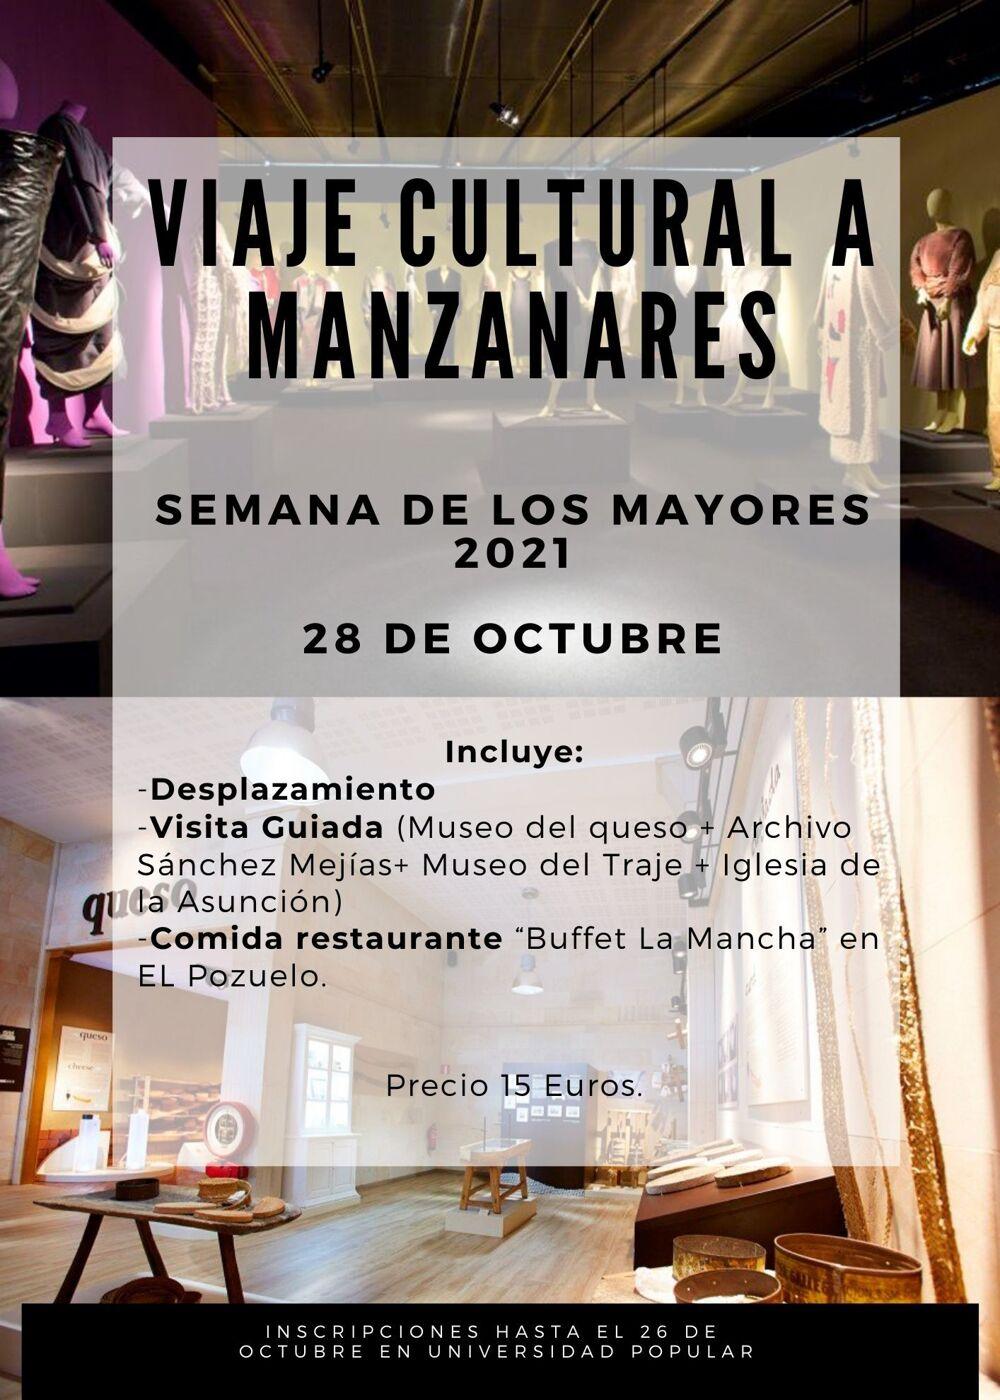 Viaje cultural a Manzanares